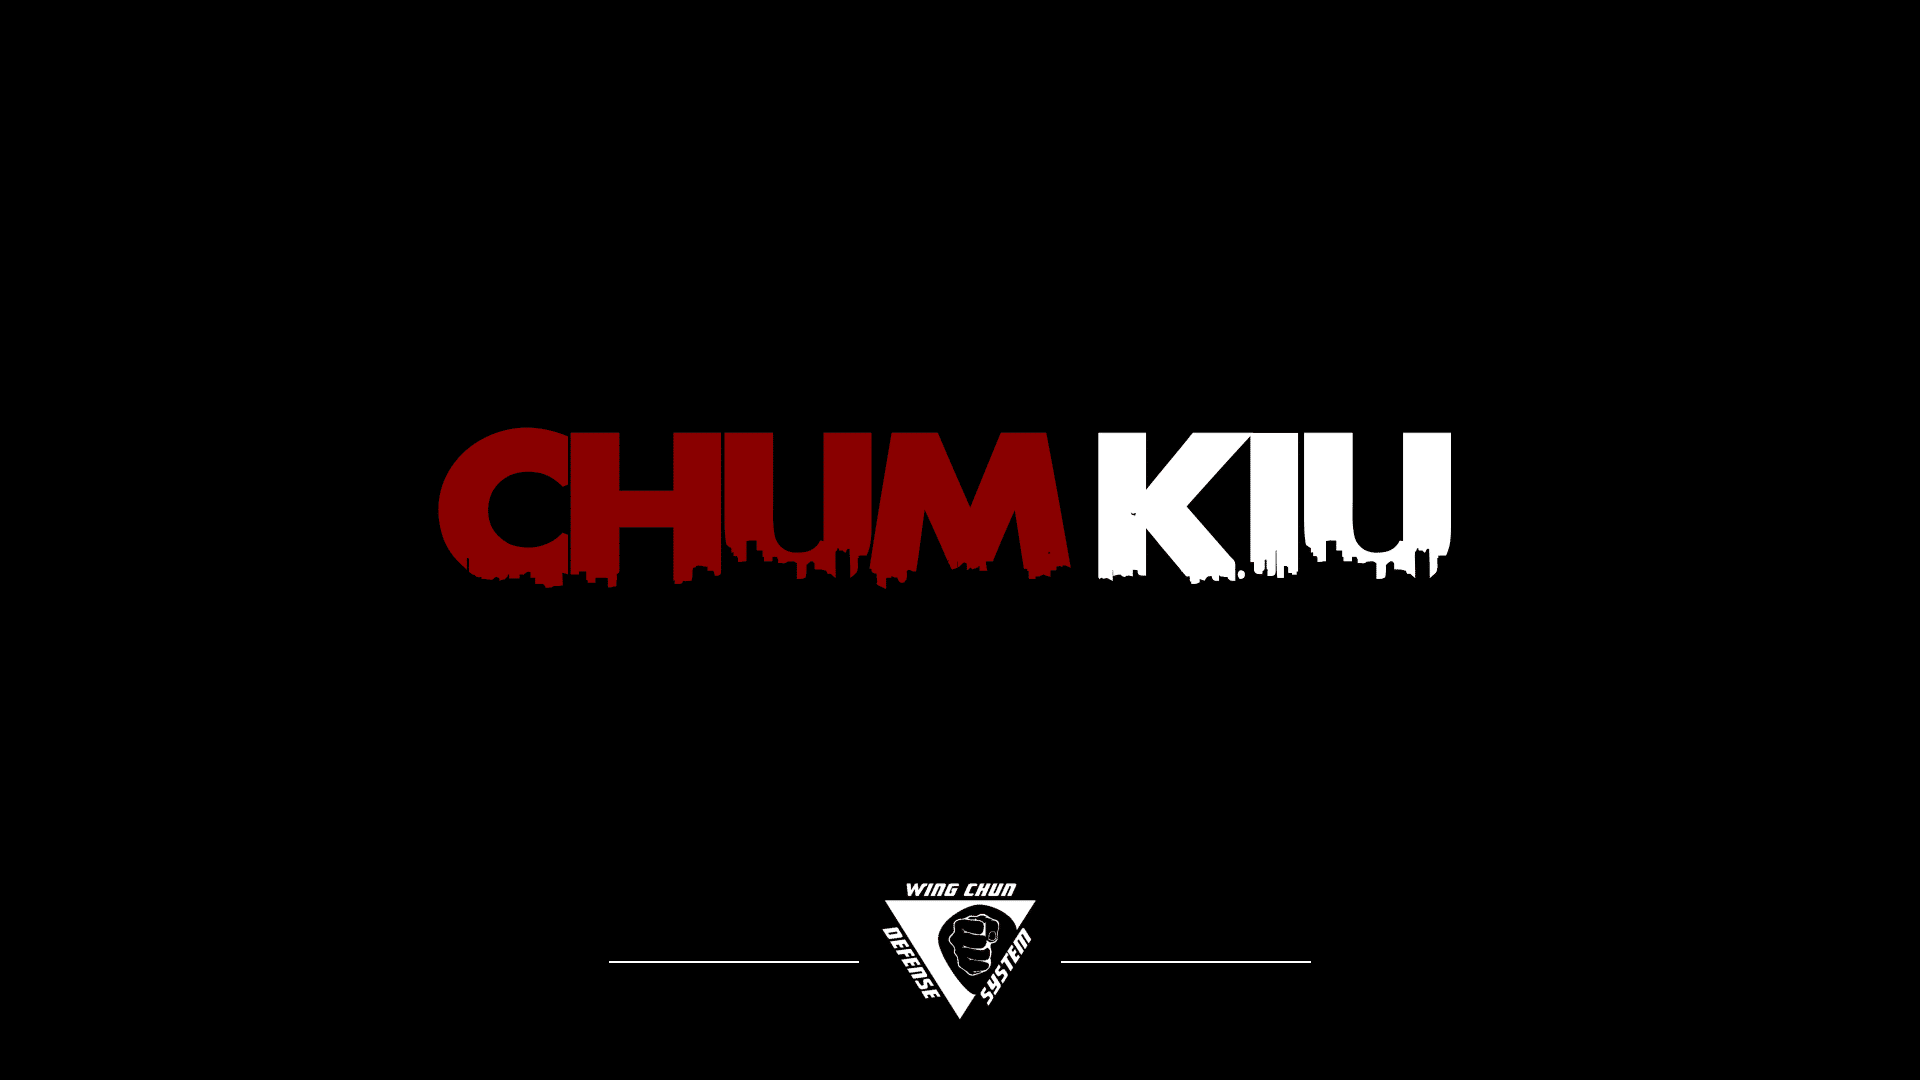 Chum Kiu : La seconde forme